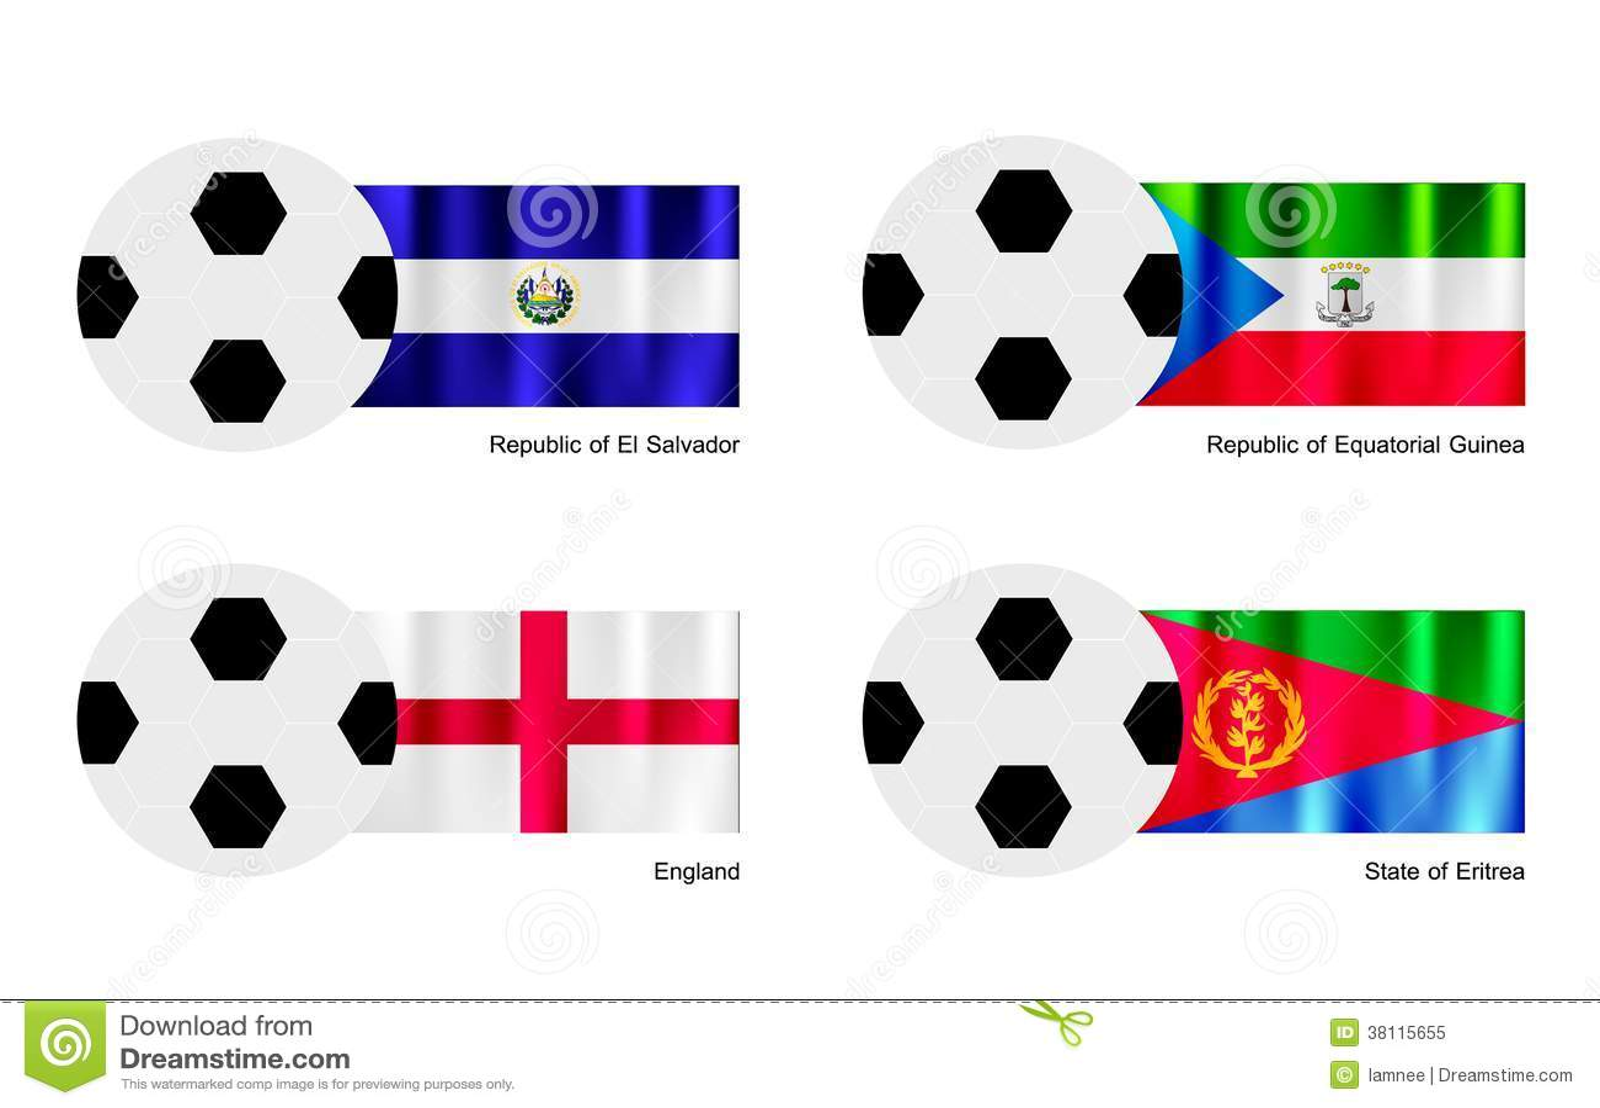 Futbol z Salwador, gwinei równikowej, Anglia i Erytrea flaga,